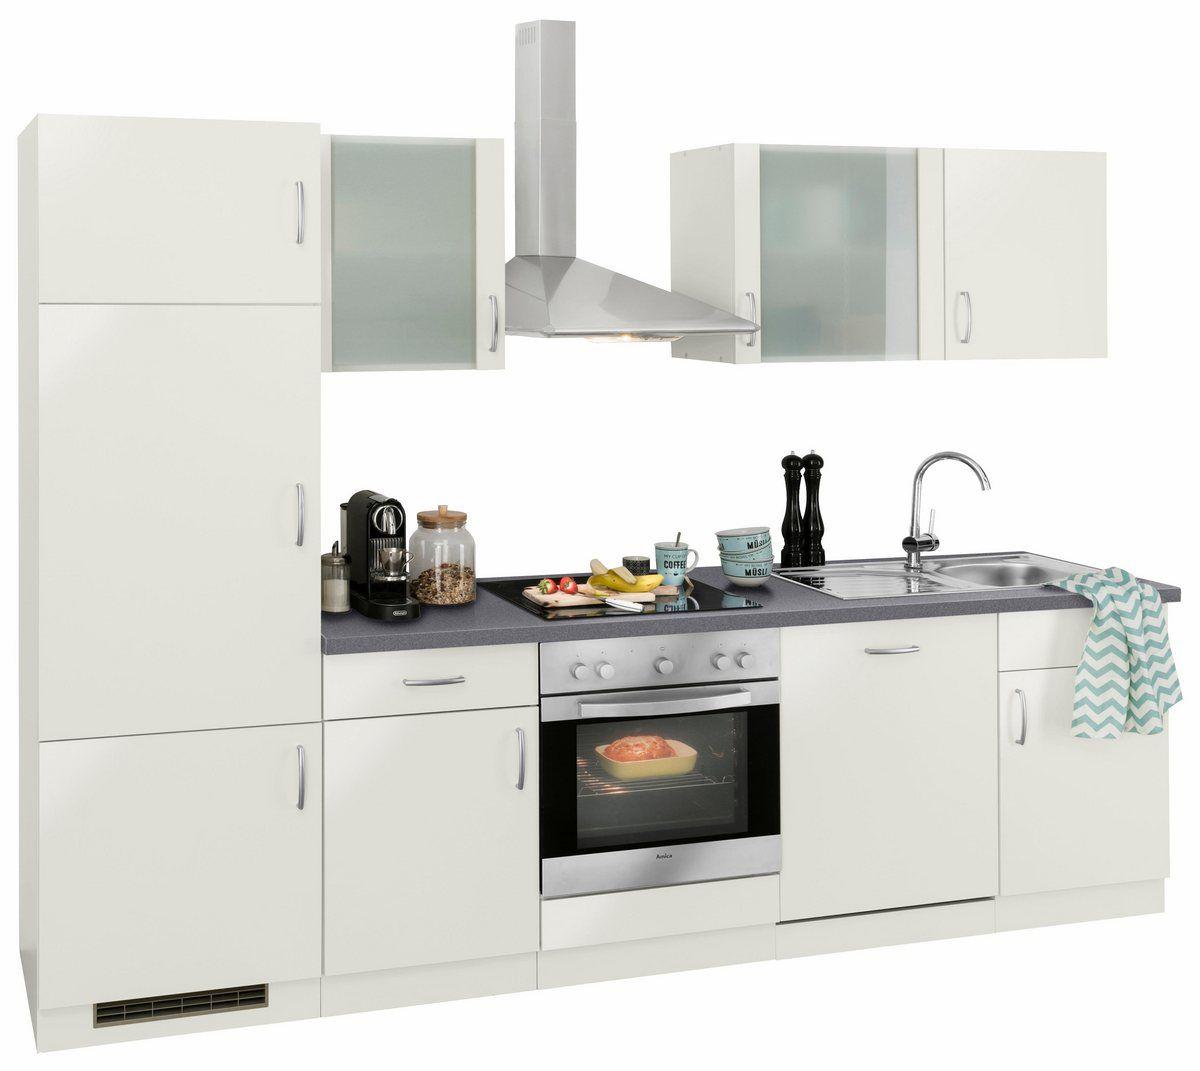 Wiho Kuchen Kuchenzeile Brussel Mit E Geraten Breite 280 Cm Online Kaufen Kuchenzeilen Kuche Und Kuche Kaufen